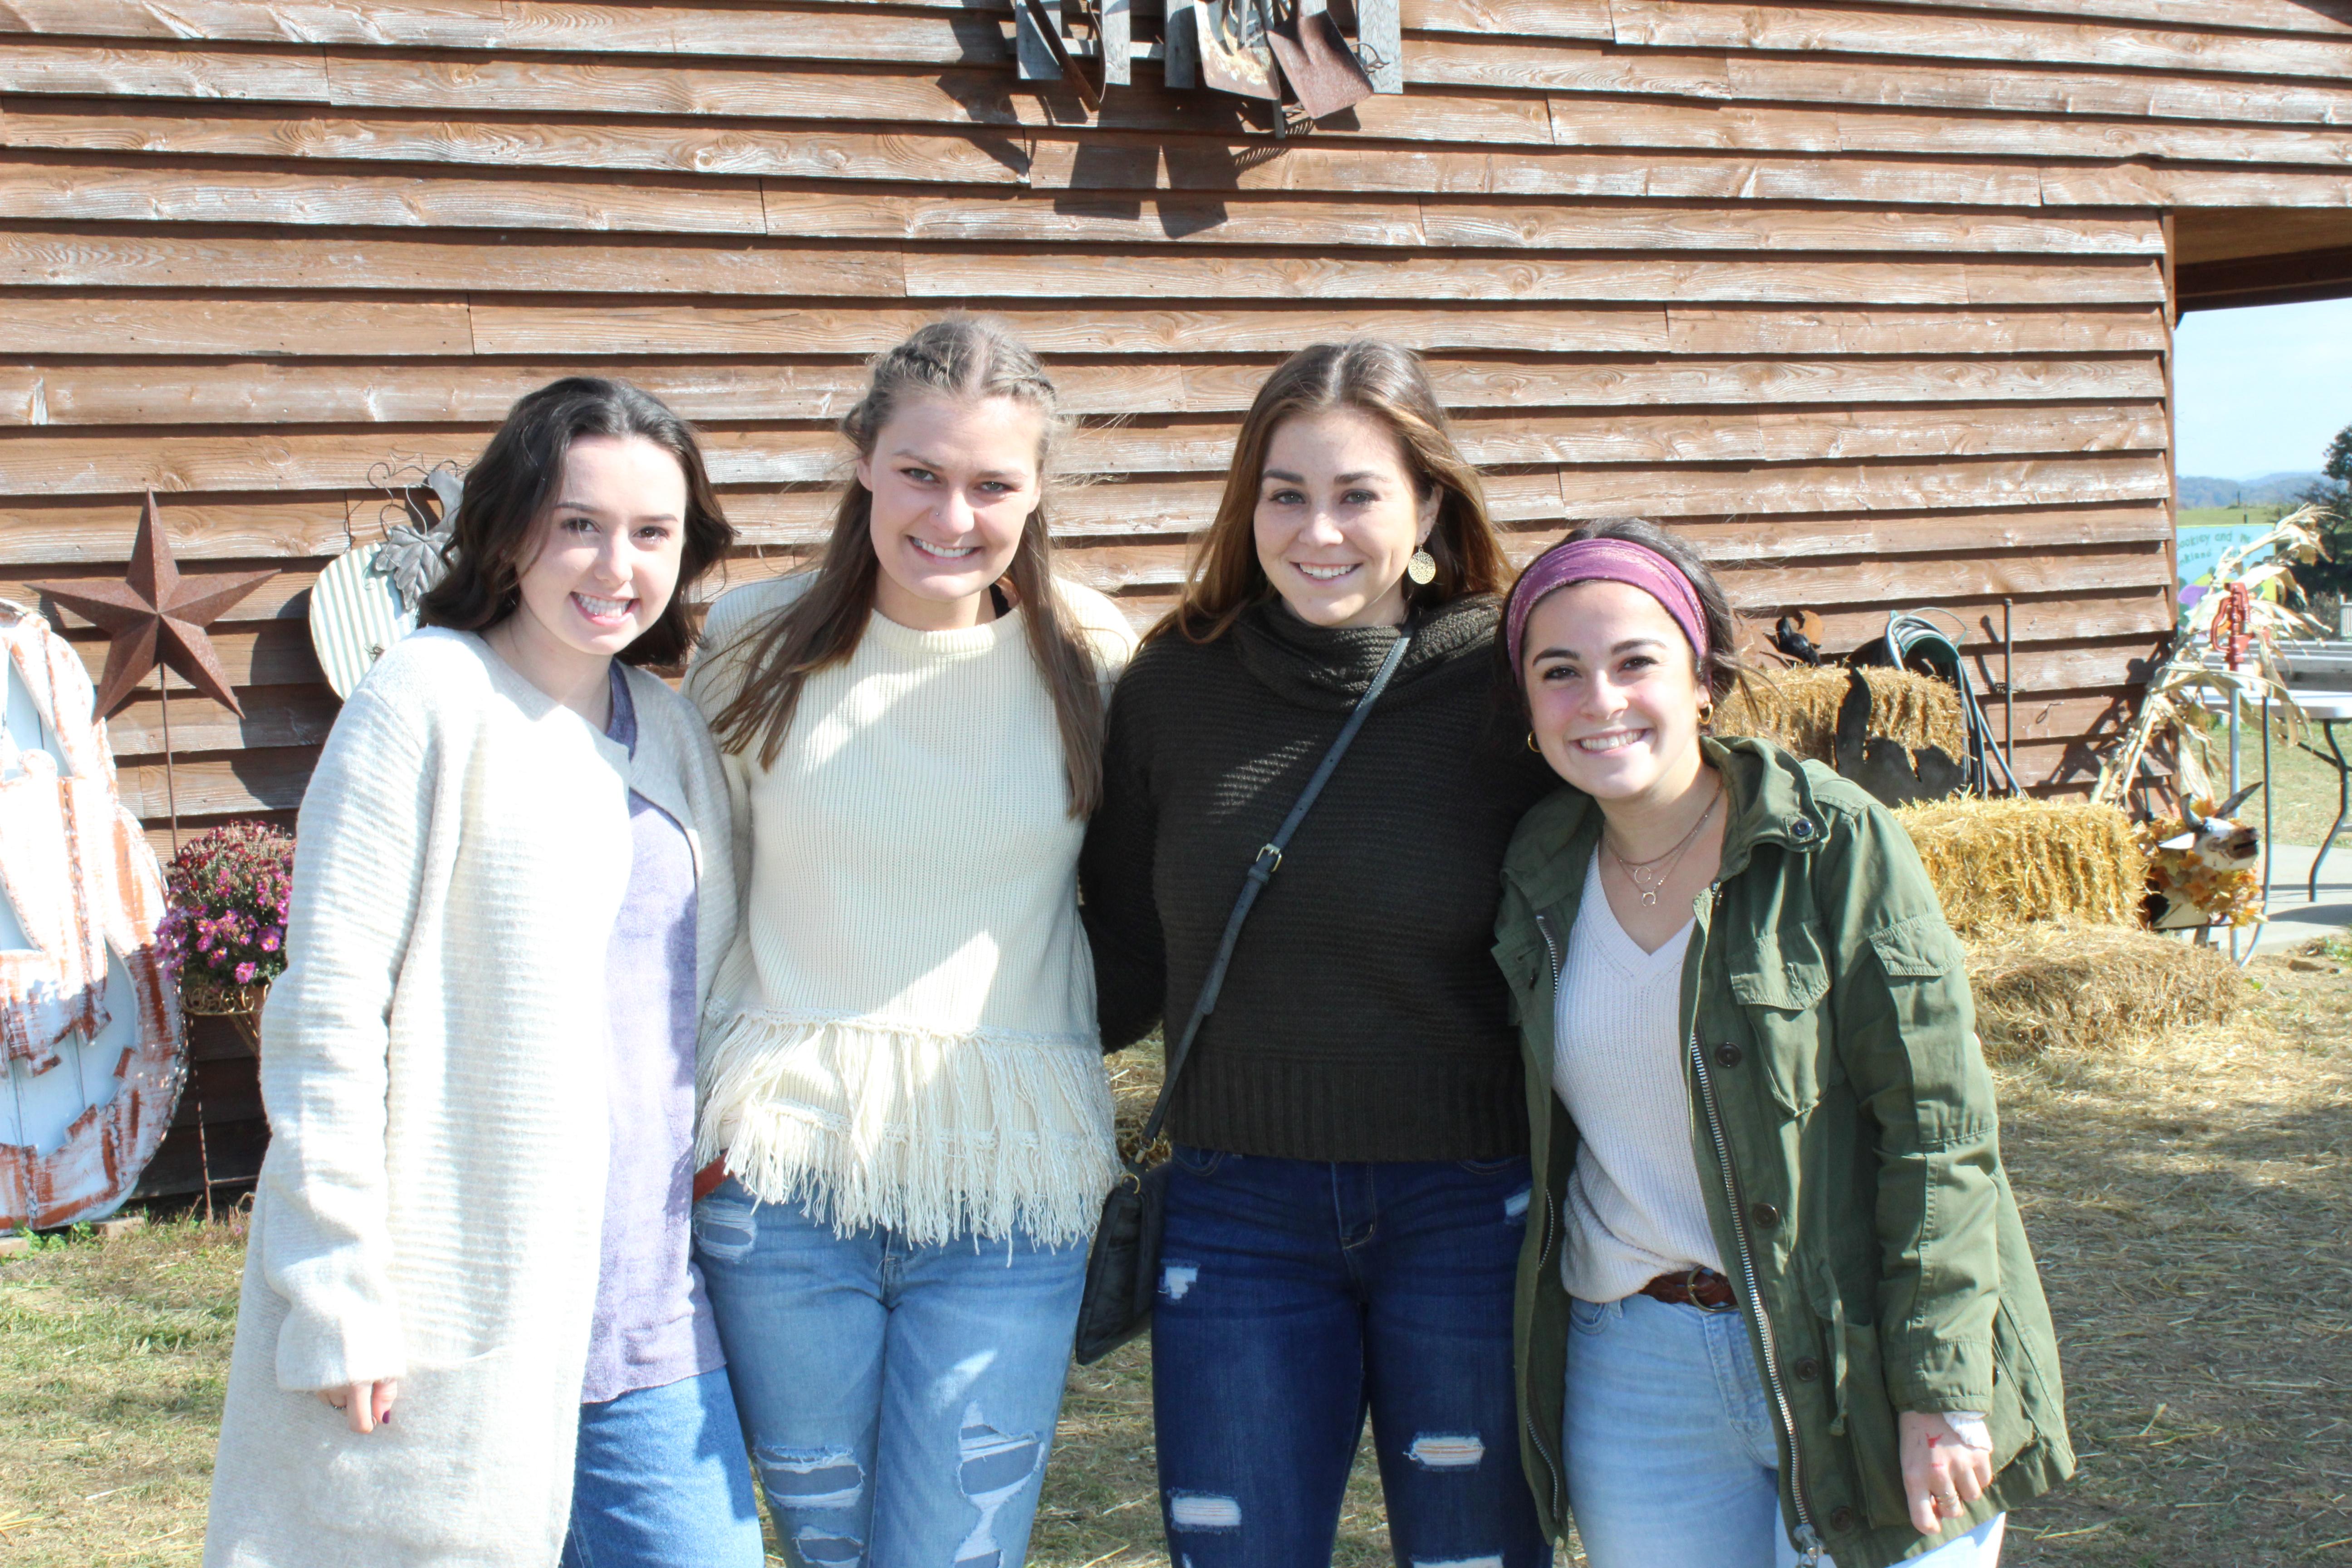 Sinkland Farms Sisterhood Event